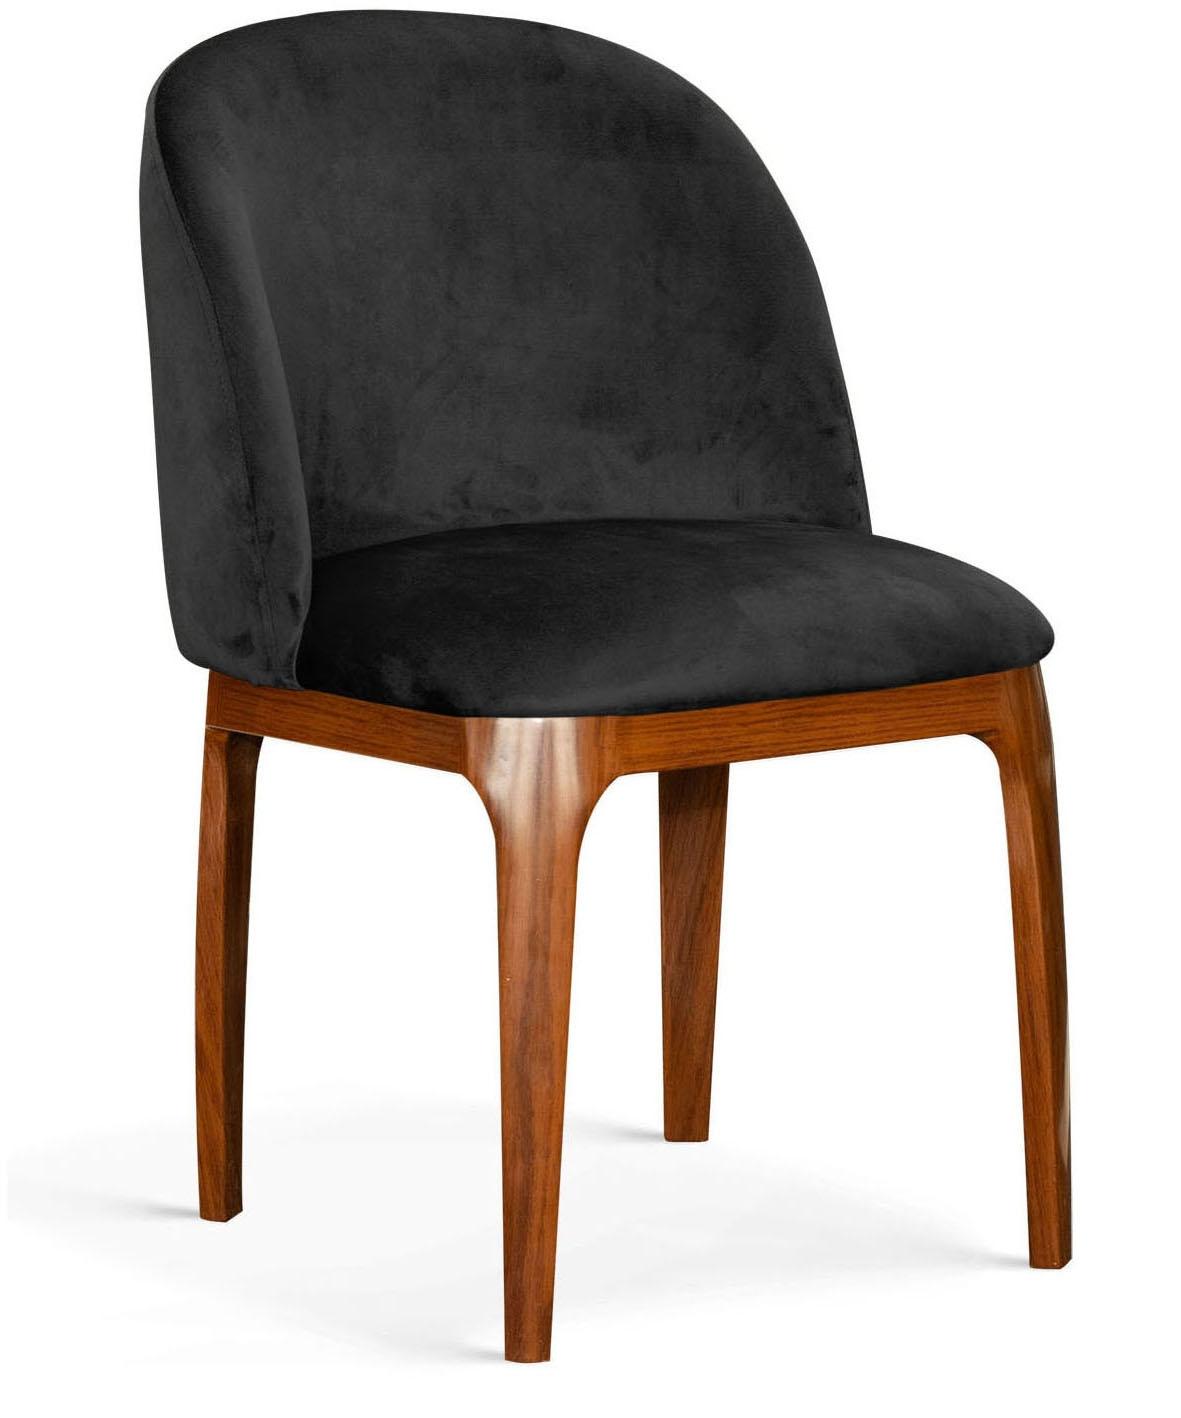 Scaun tapitat cu stofa, cu picioare metalice Grace Negru / Nuc, l53xA56xH83 cm